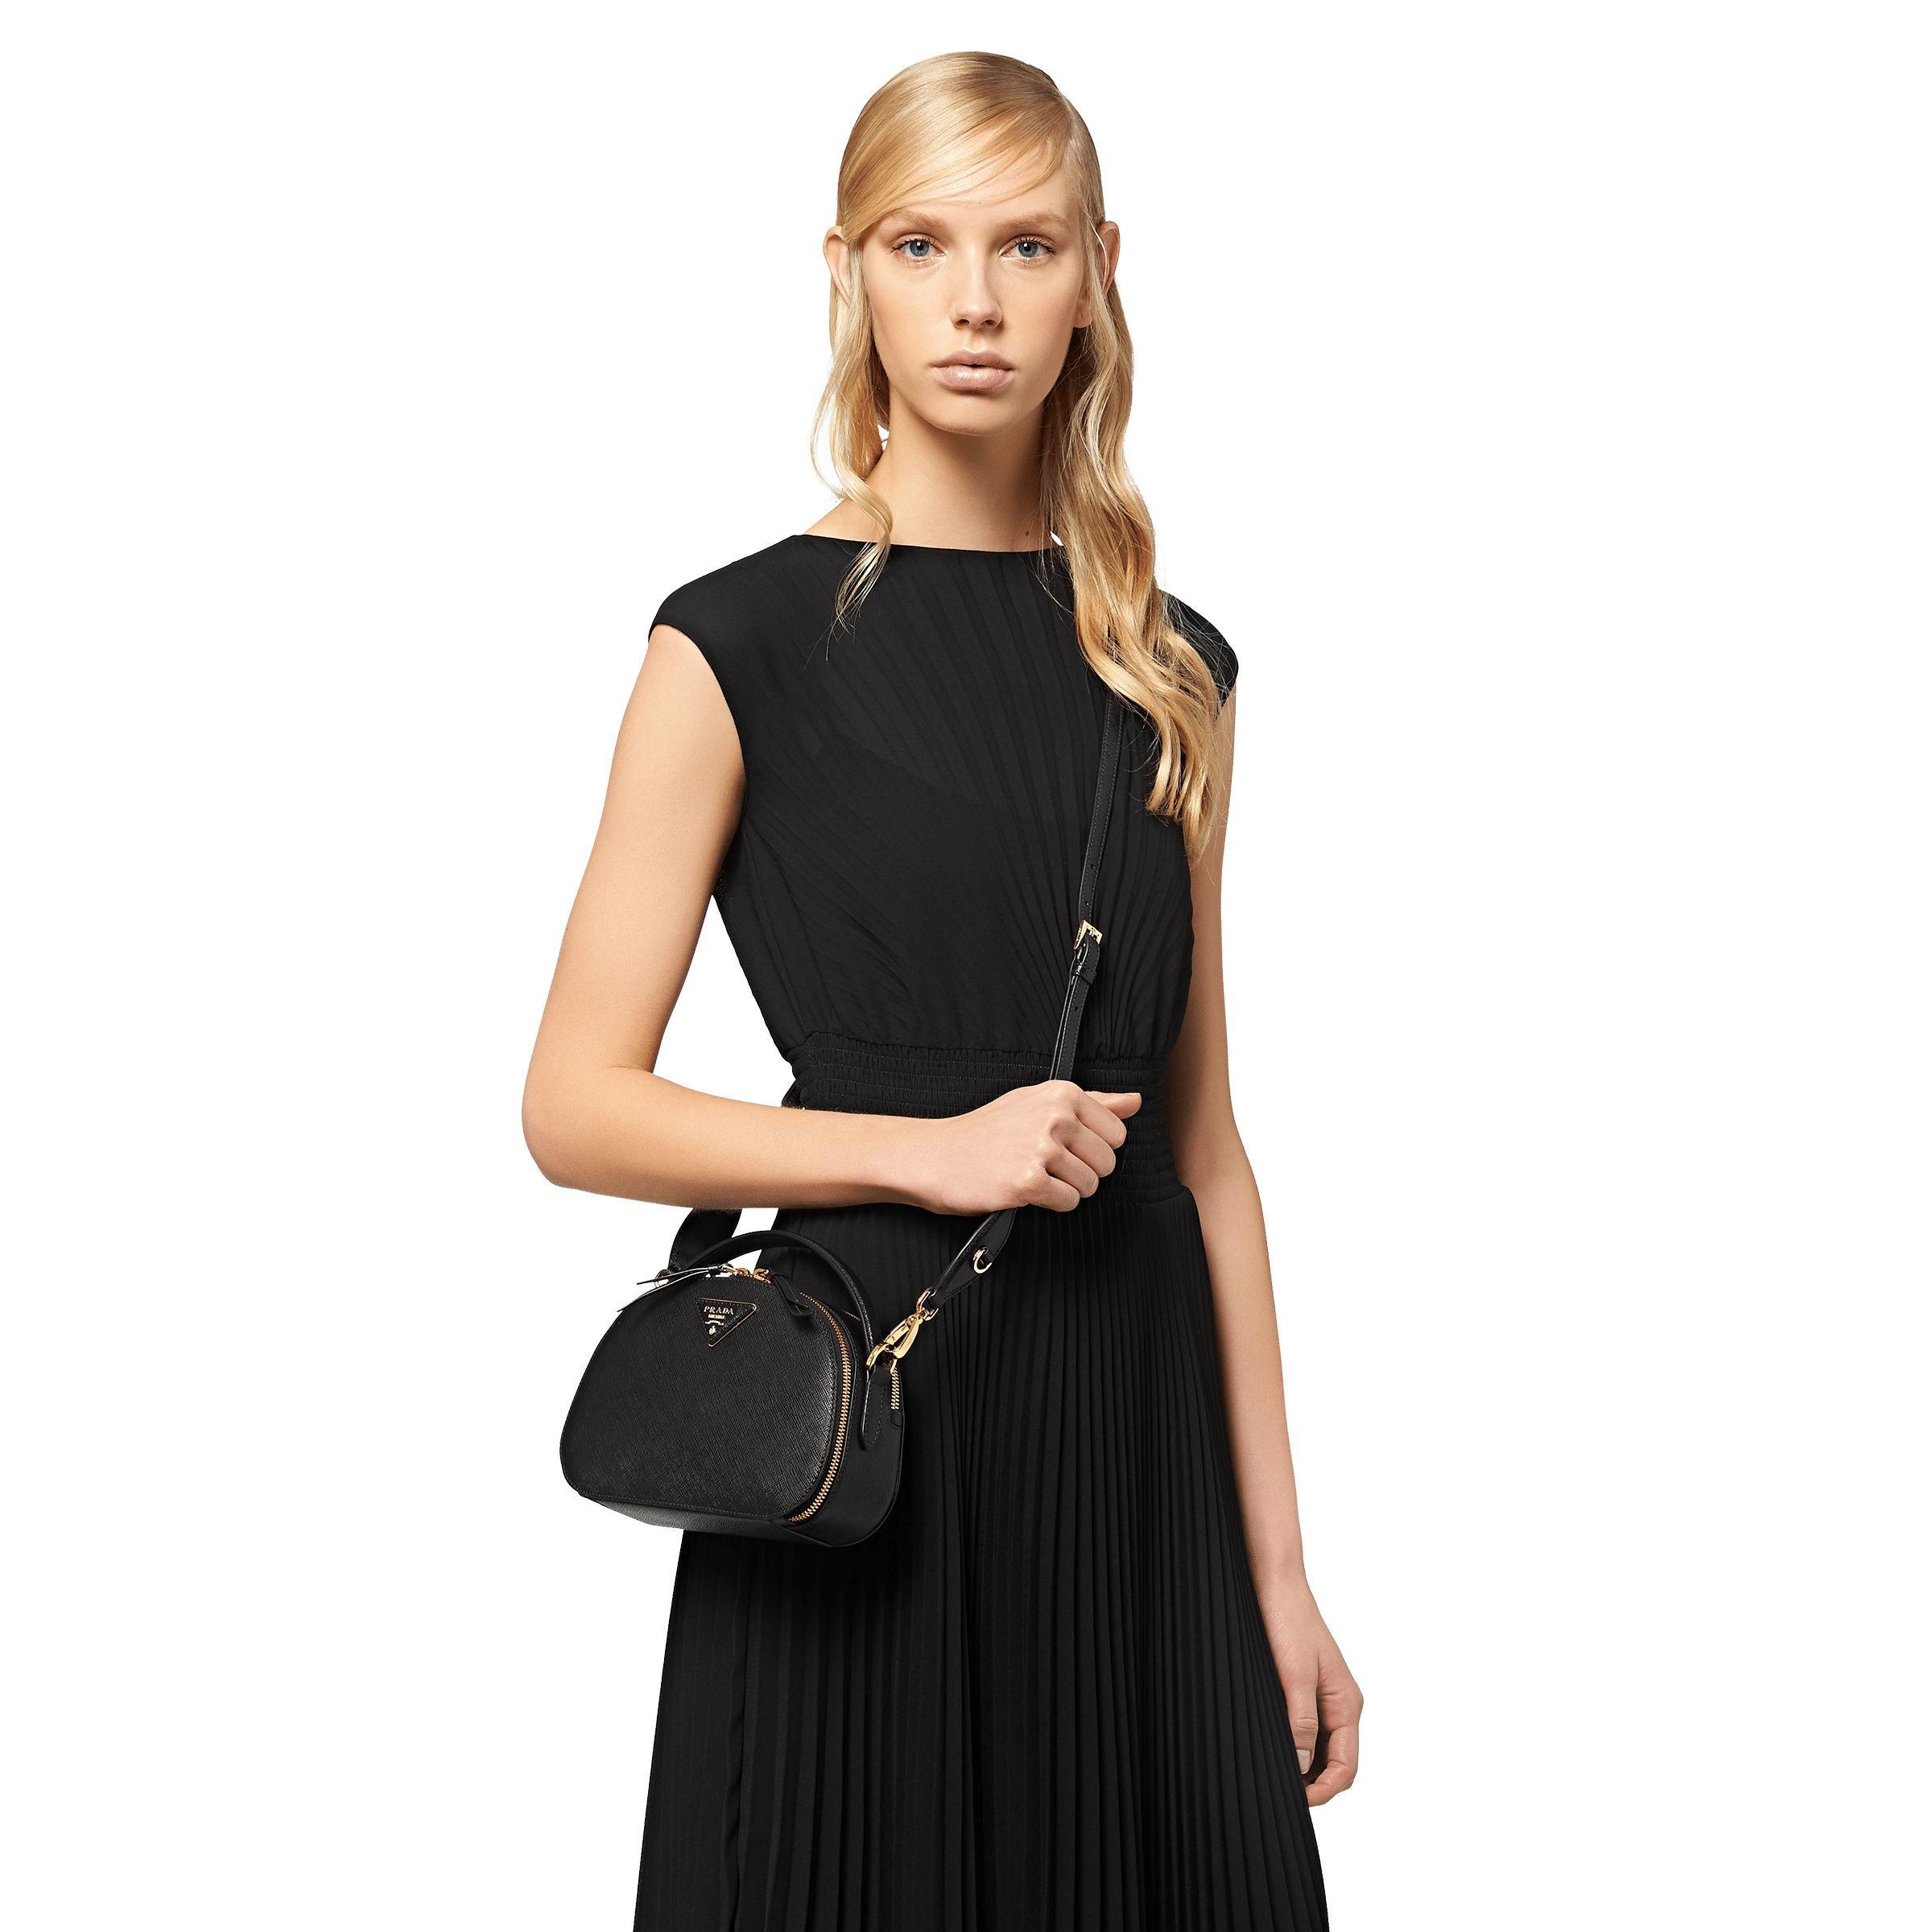 e95b6e0da Prada Odette Saffiano Leather Bag in Black - Lyst